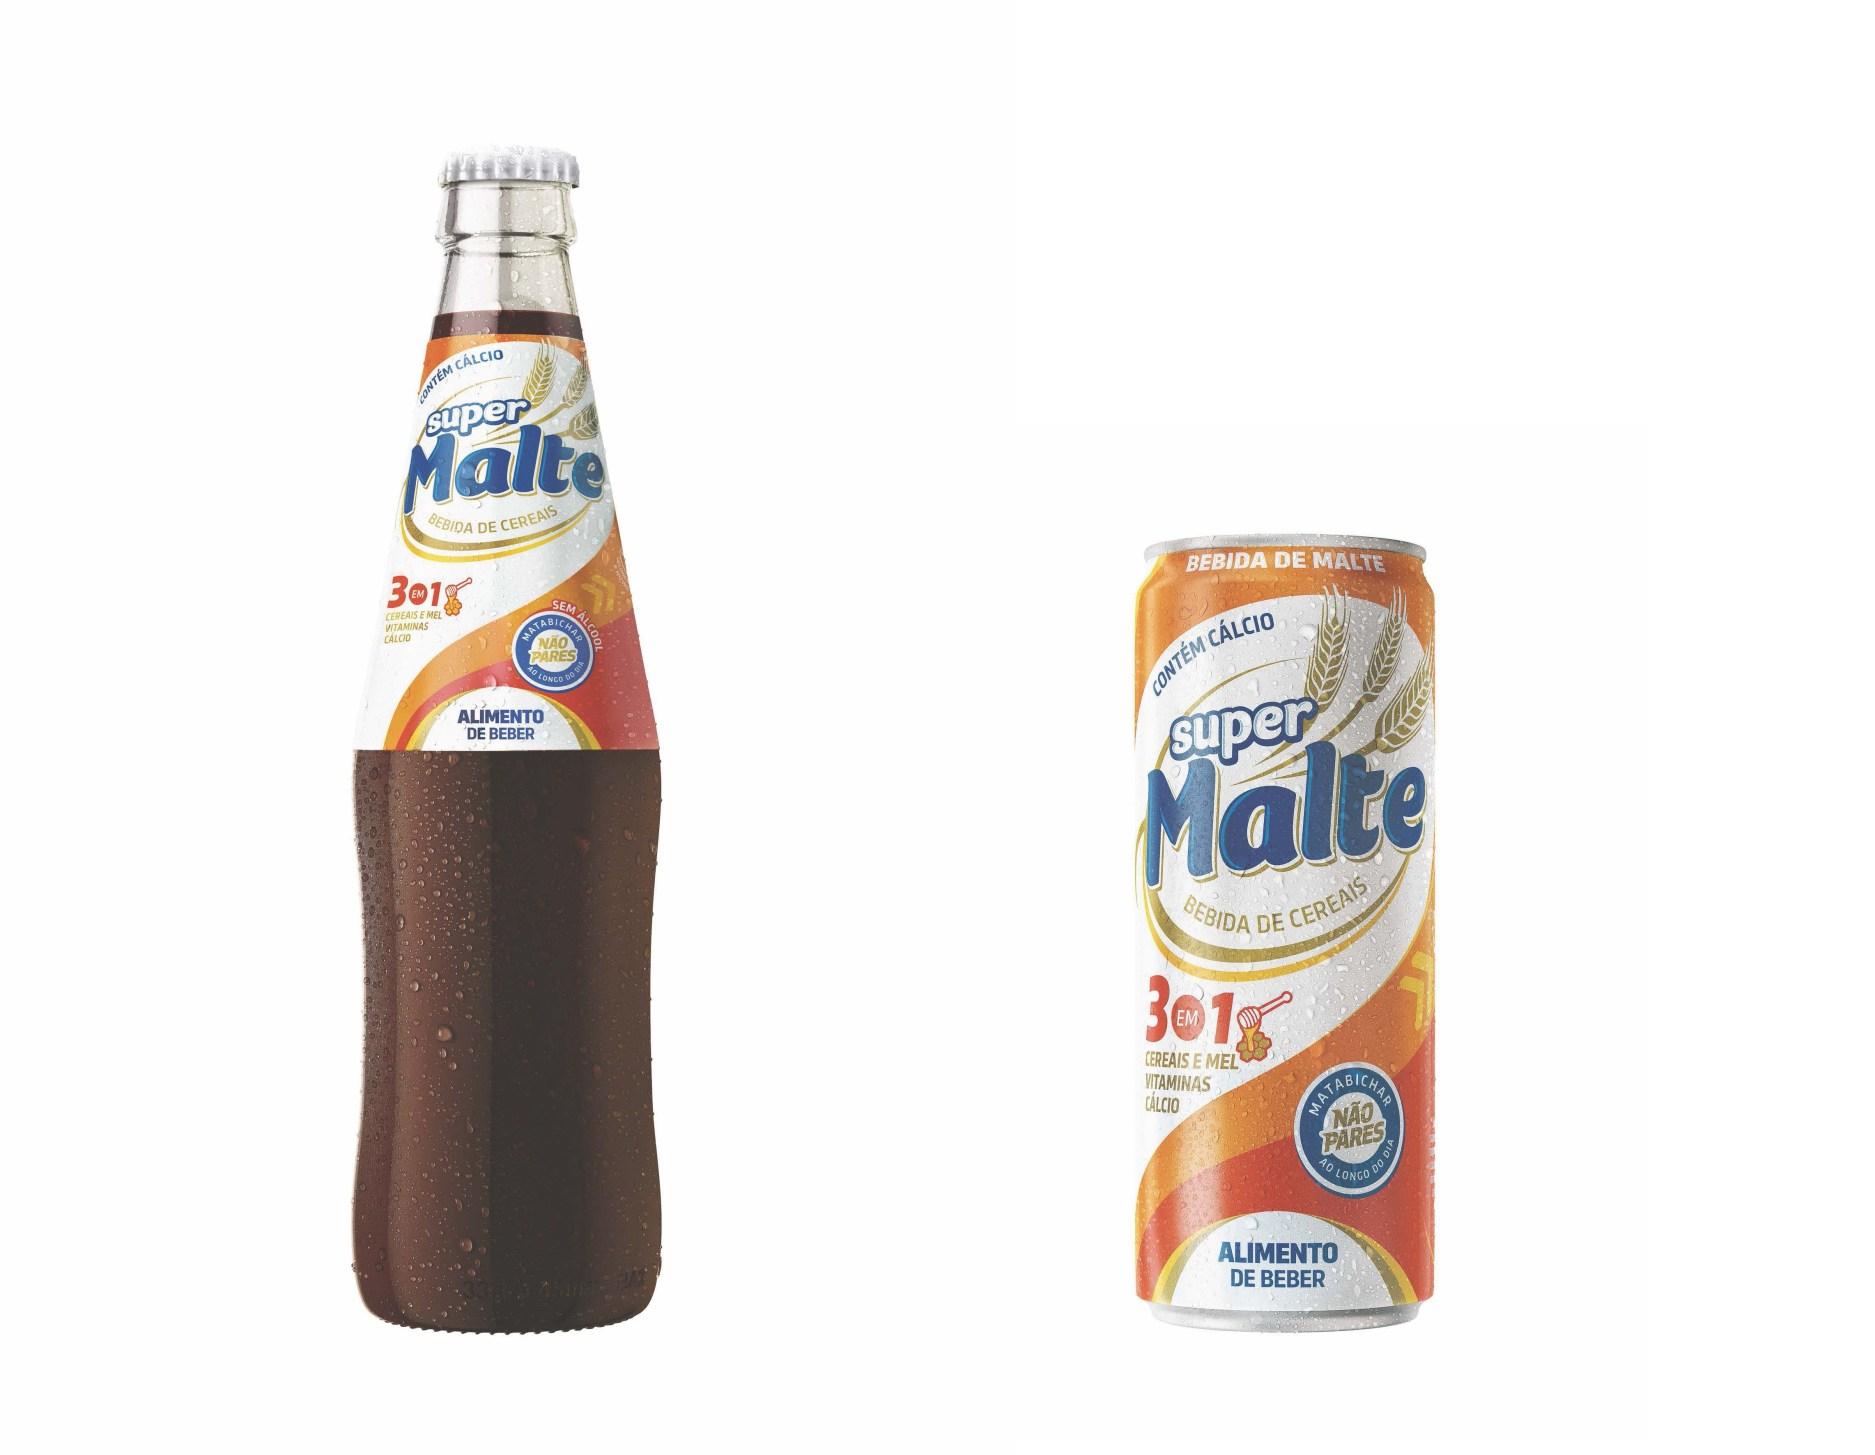 Benefícios e vantagens da bebida Super Malte apresentados em formação sobre o produto